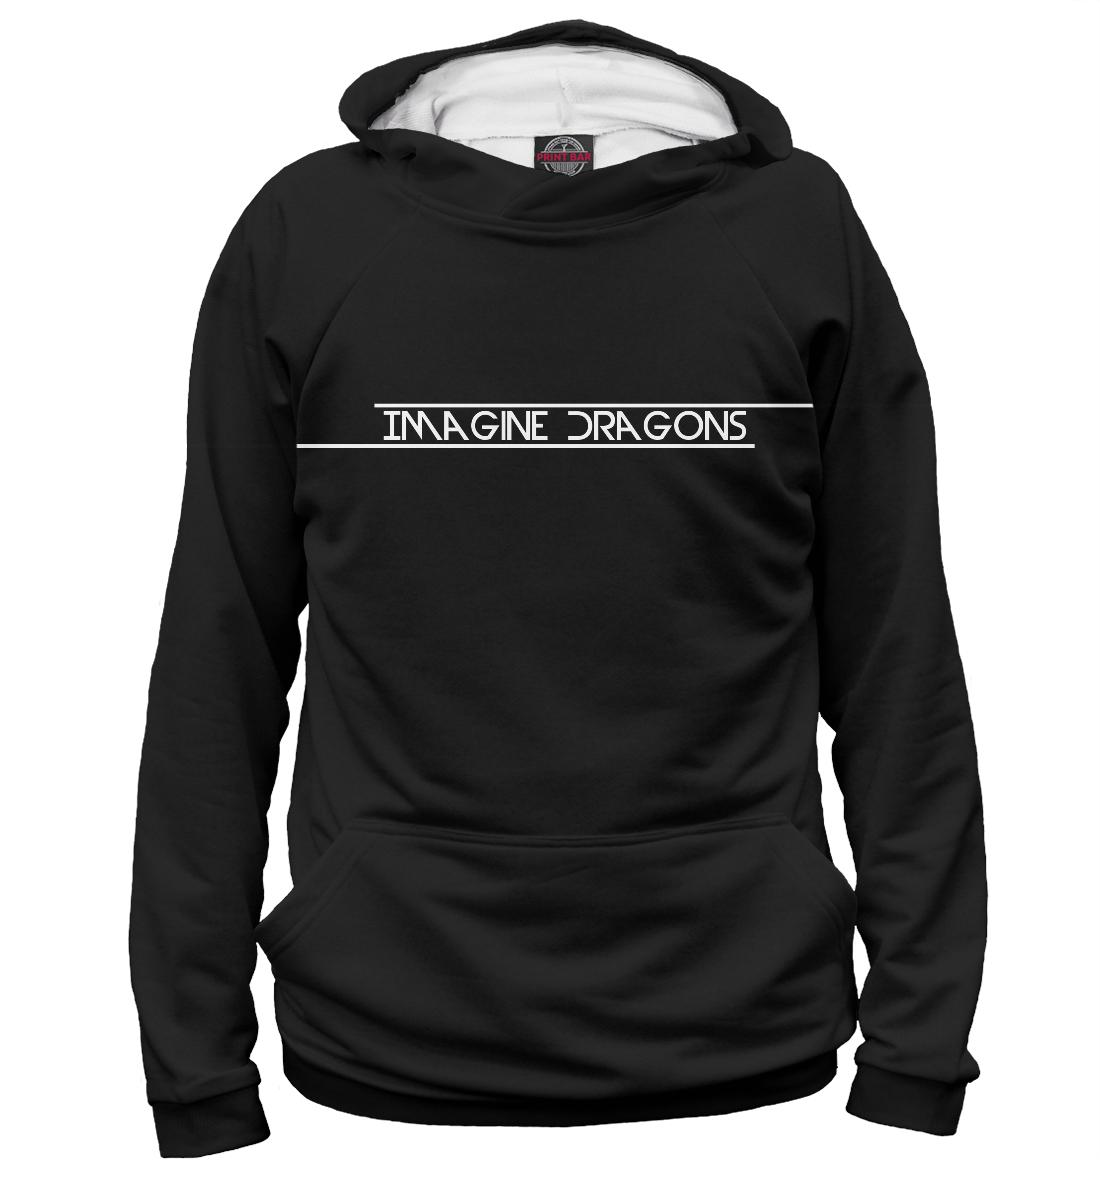 Купить Imagine Dragons, Printbar, Худи, IMA-477048-hud-2